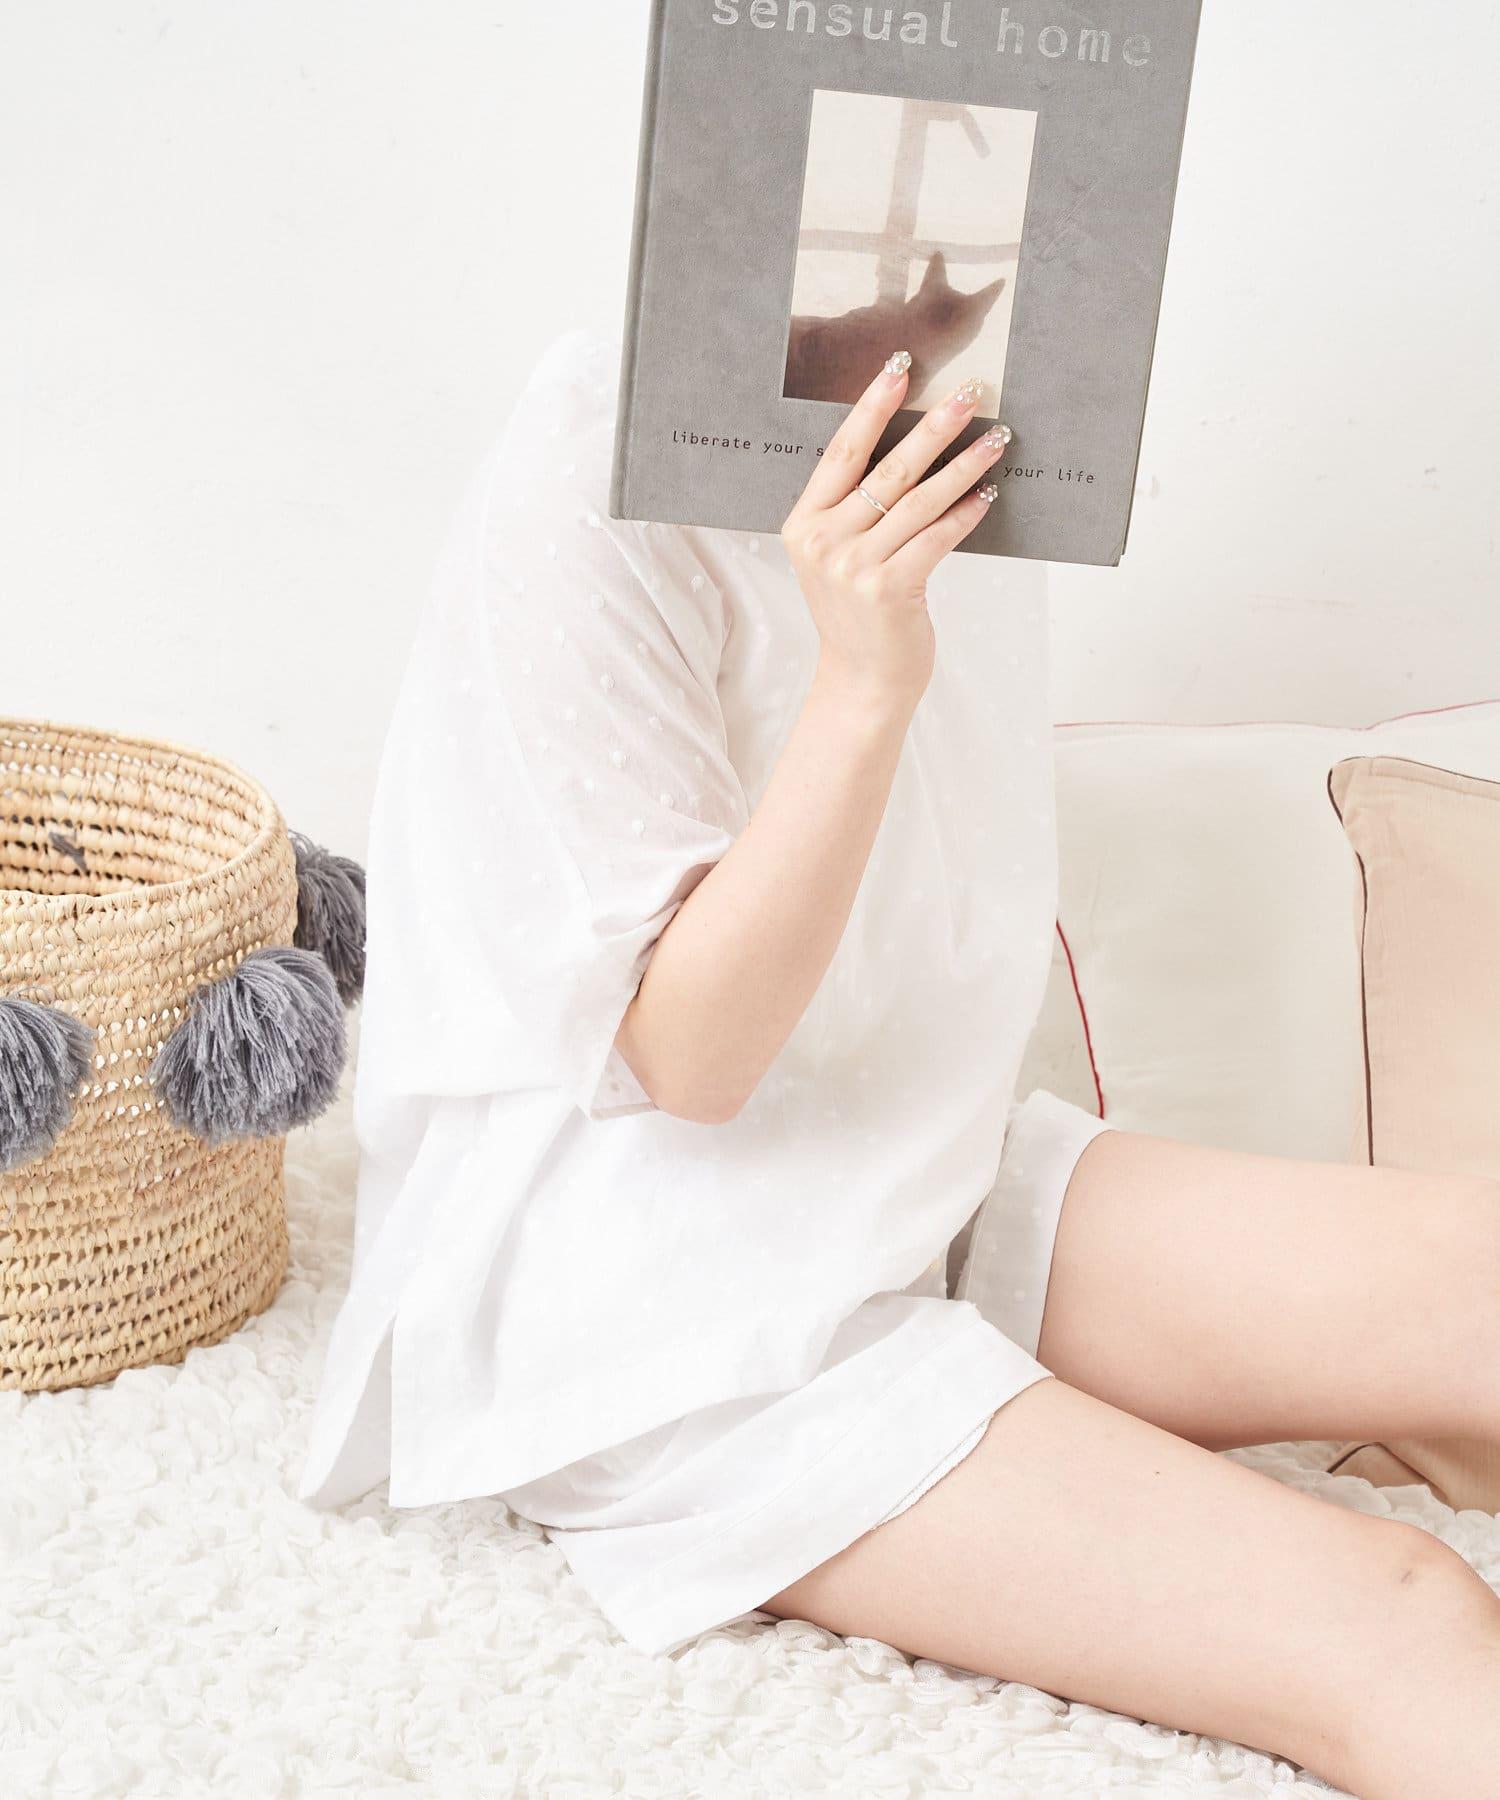 TERRITOIRE(テリトワール) 【サマーコットン】ドット刺繍ふんわりルームウェア 上下セット